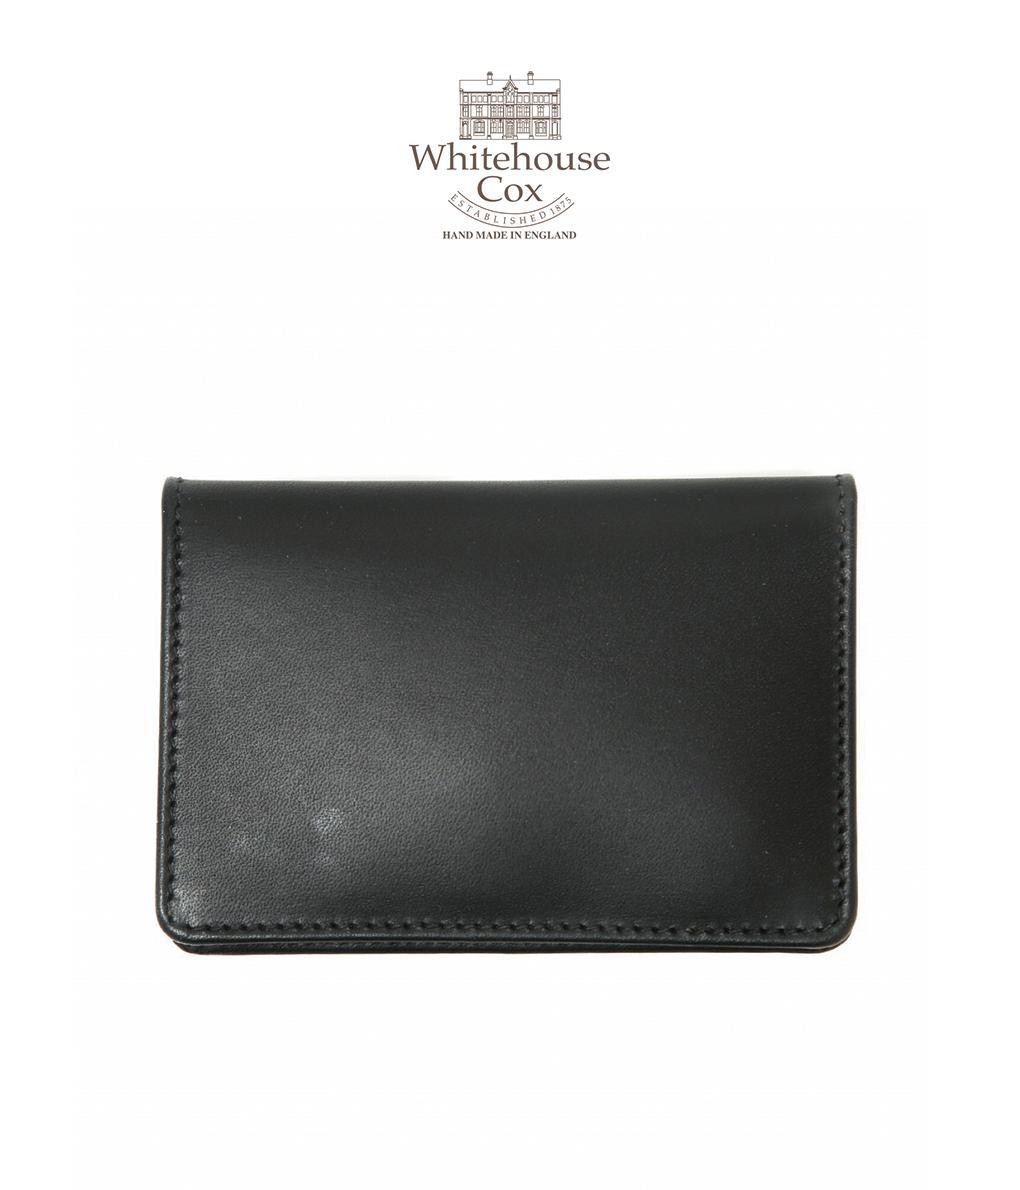 Whitehouse Cox / ホワイトハウスコックス : NAME CARD CASE-ブラック/タン : カード入れ ケース 名刺入れ レザー ビジネス ダービーコレクション メンズ : S-7412-DERBY-BLK-TAN【MUS】